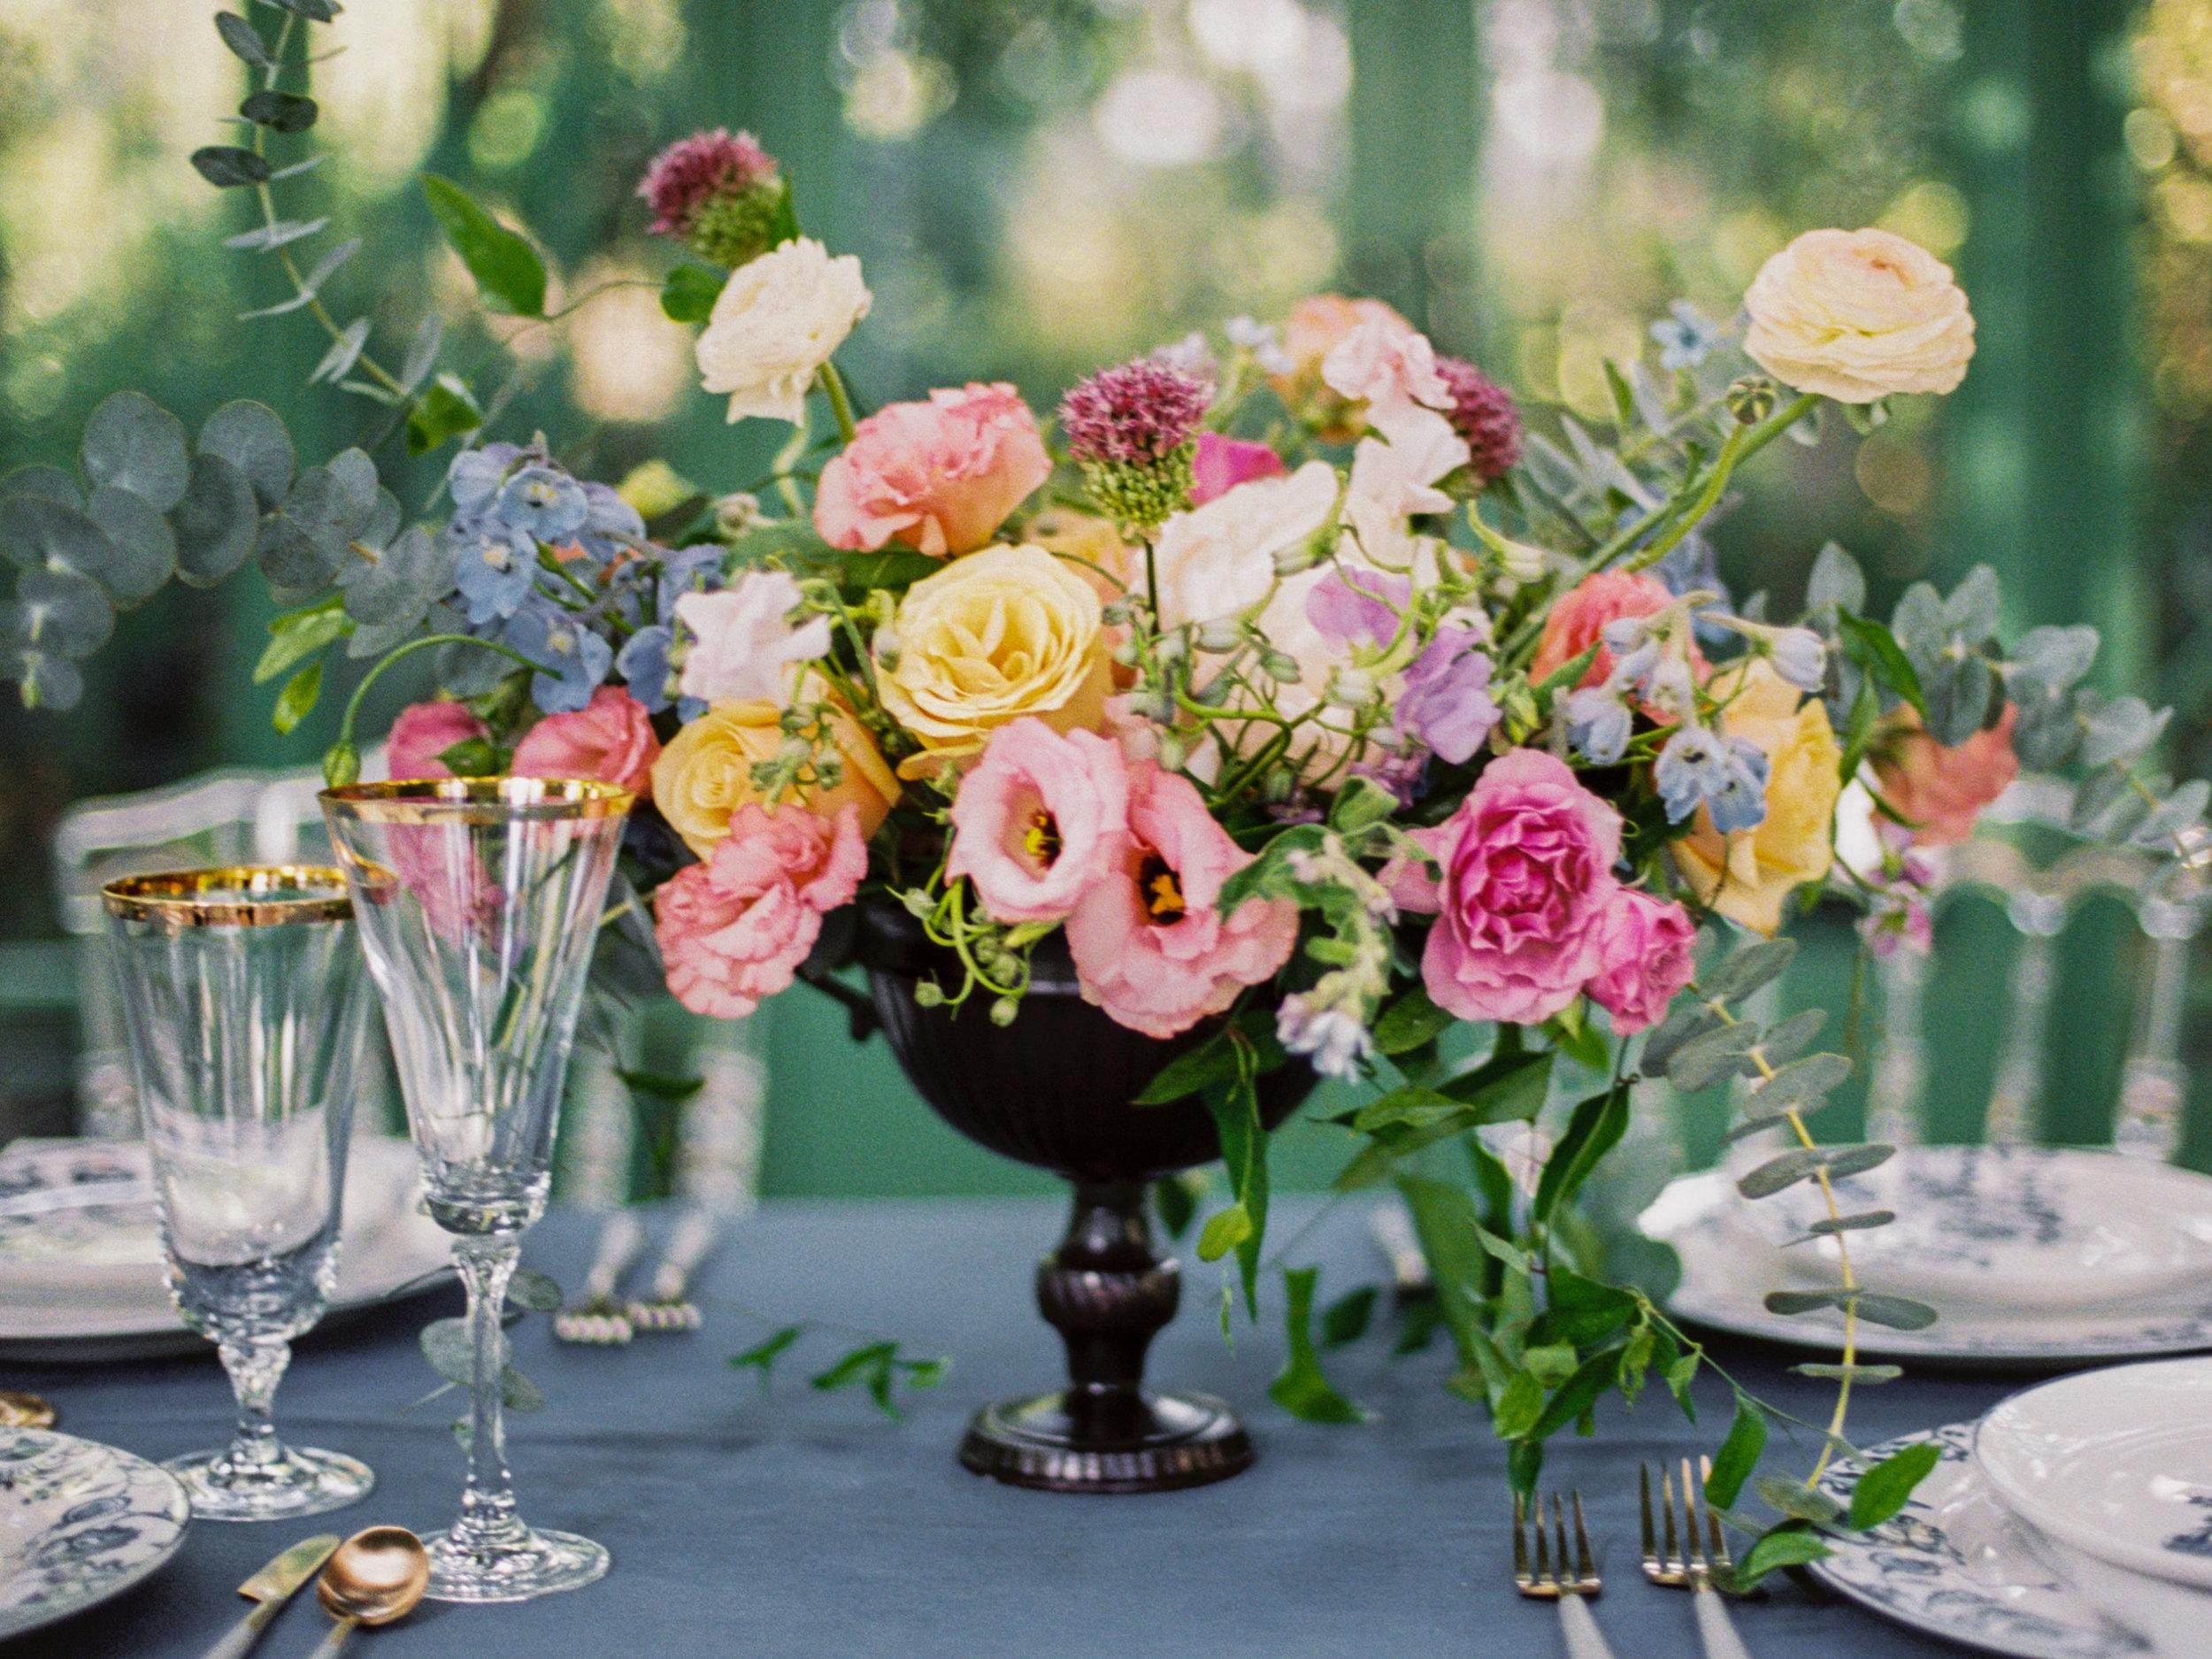 Tara_Bielecki_Photography_Catherine_Botanic_Garden_084.jpg